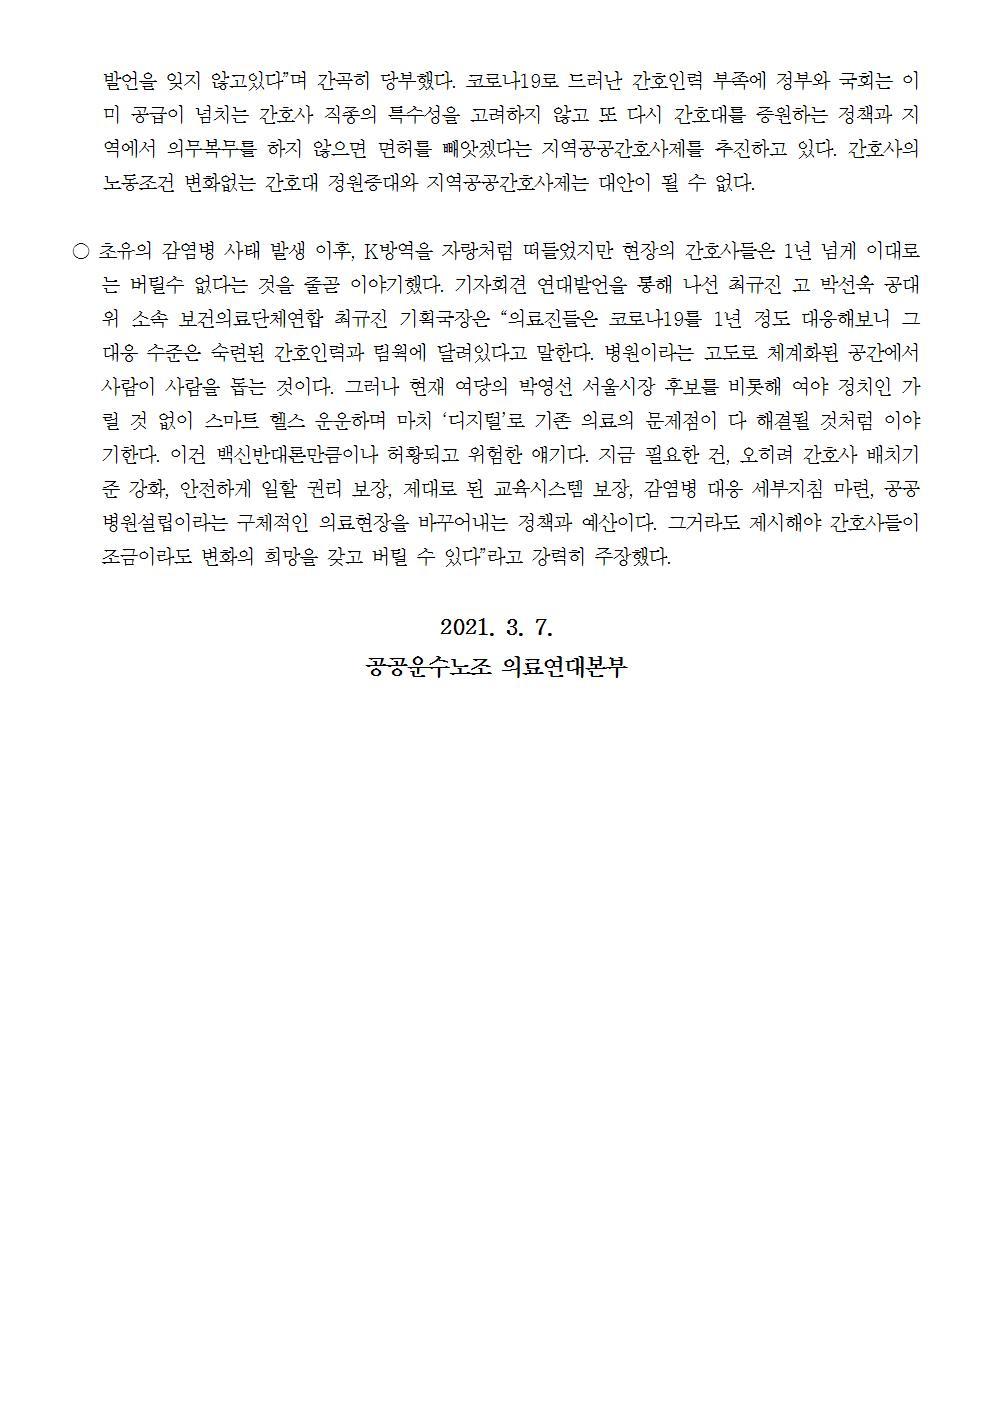 210307_청와대로찾아간간호사들시즌2보도자료(최종★)003.jpg